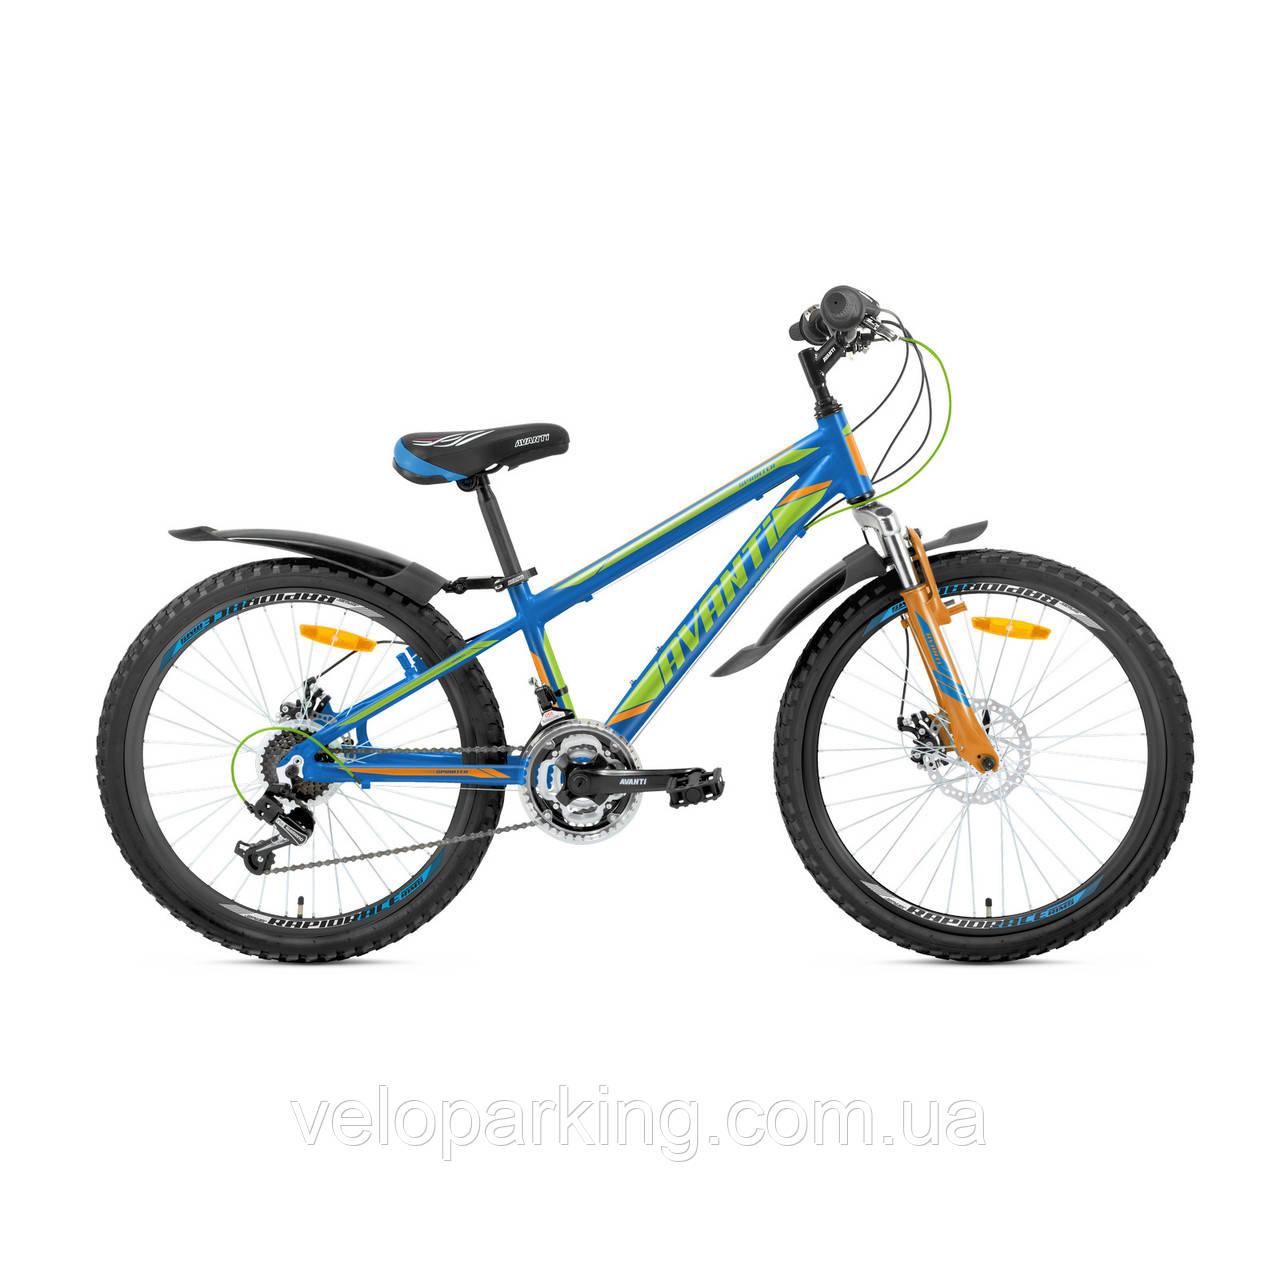 Горный подростковый велосипед Avanti Sprinter 24 (2018) DD new